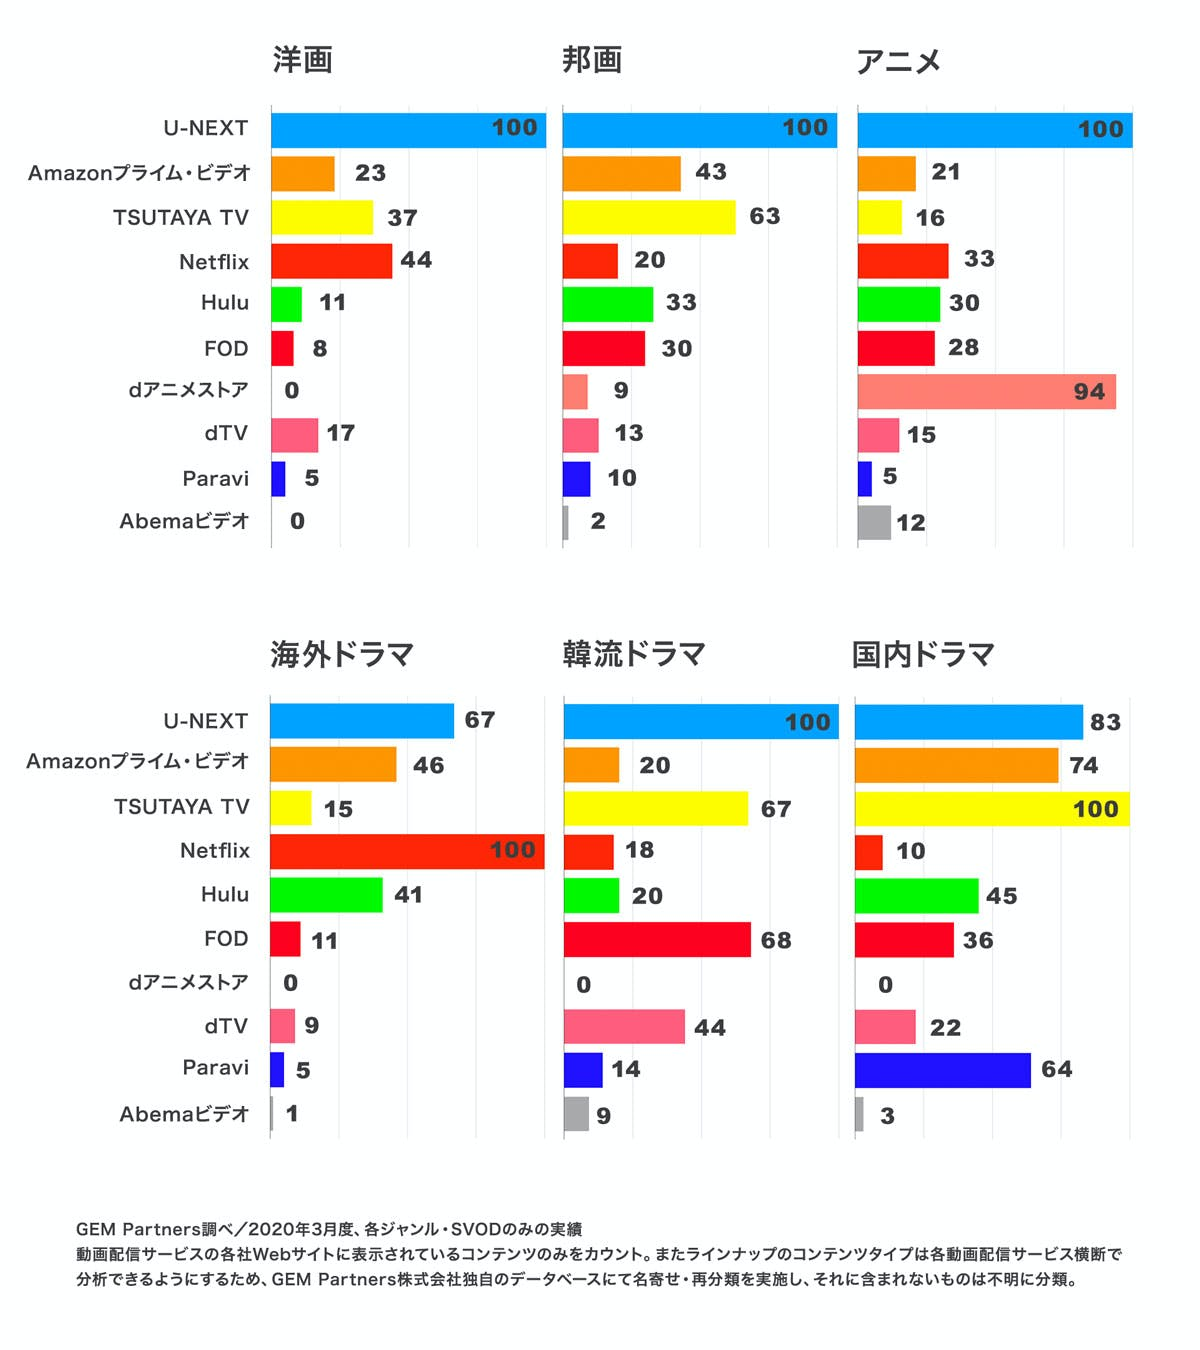 VOD本数比較した場合U-NEXTが一番であることを示したグラフ